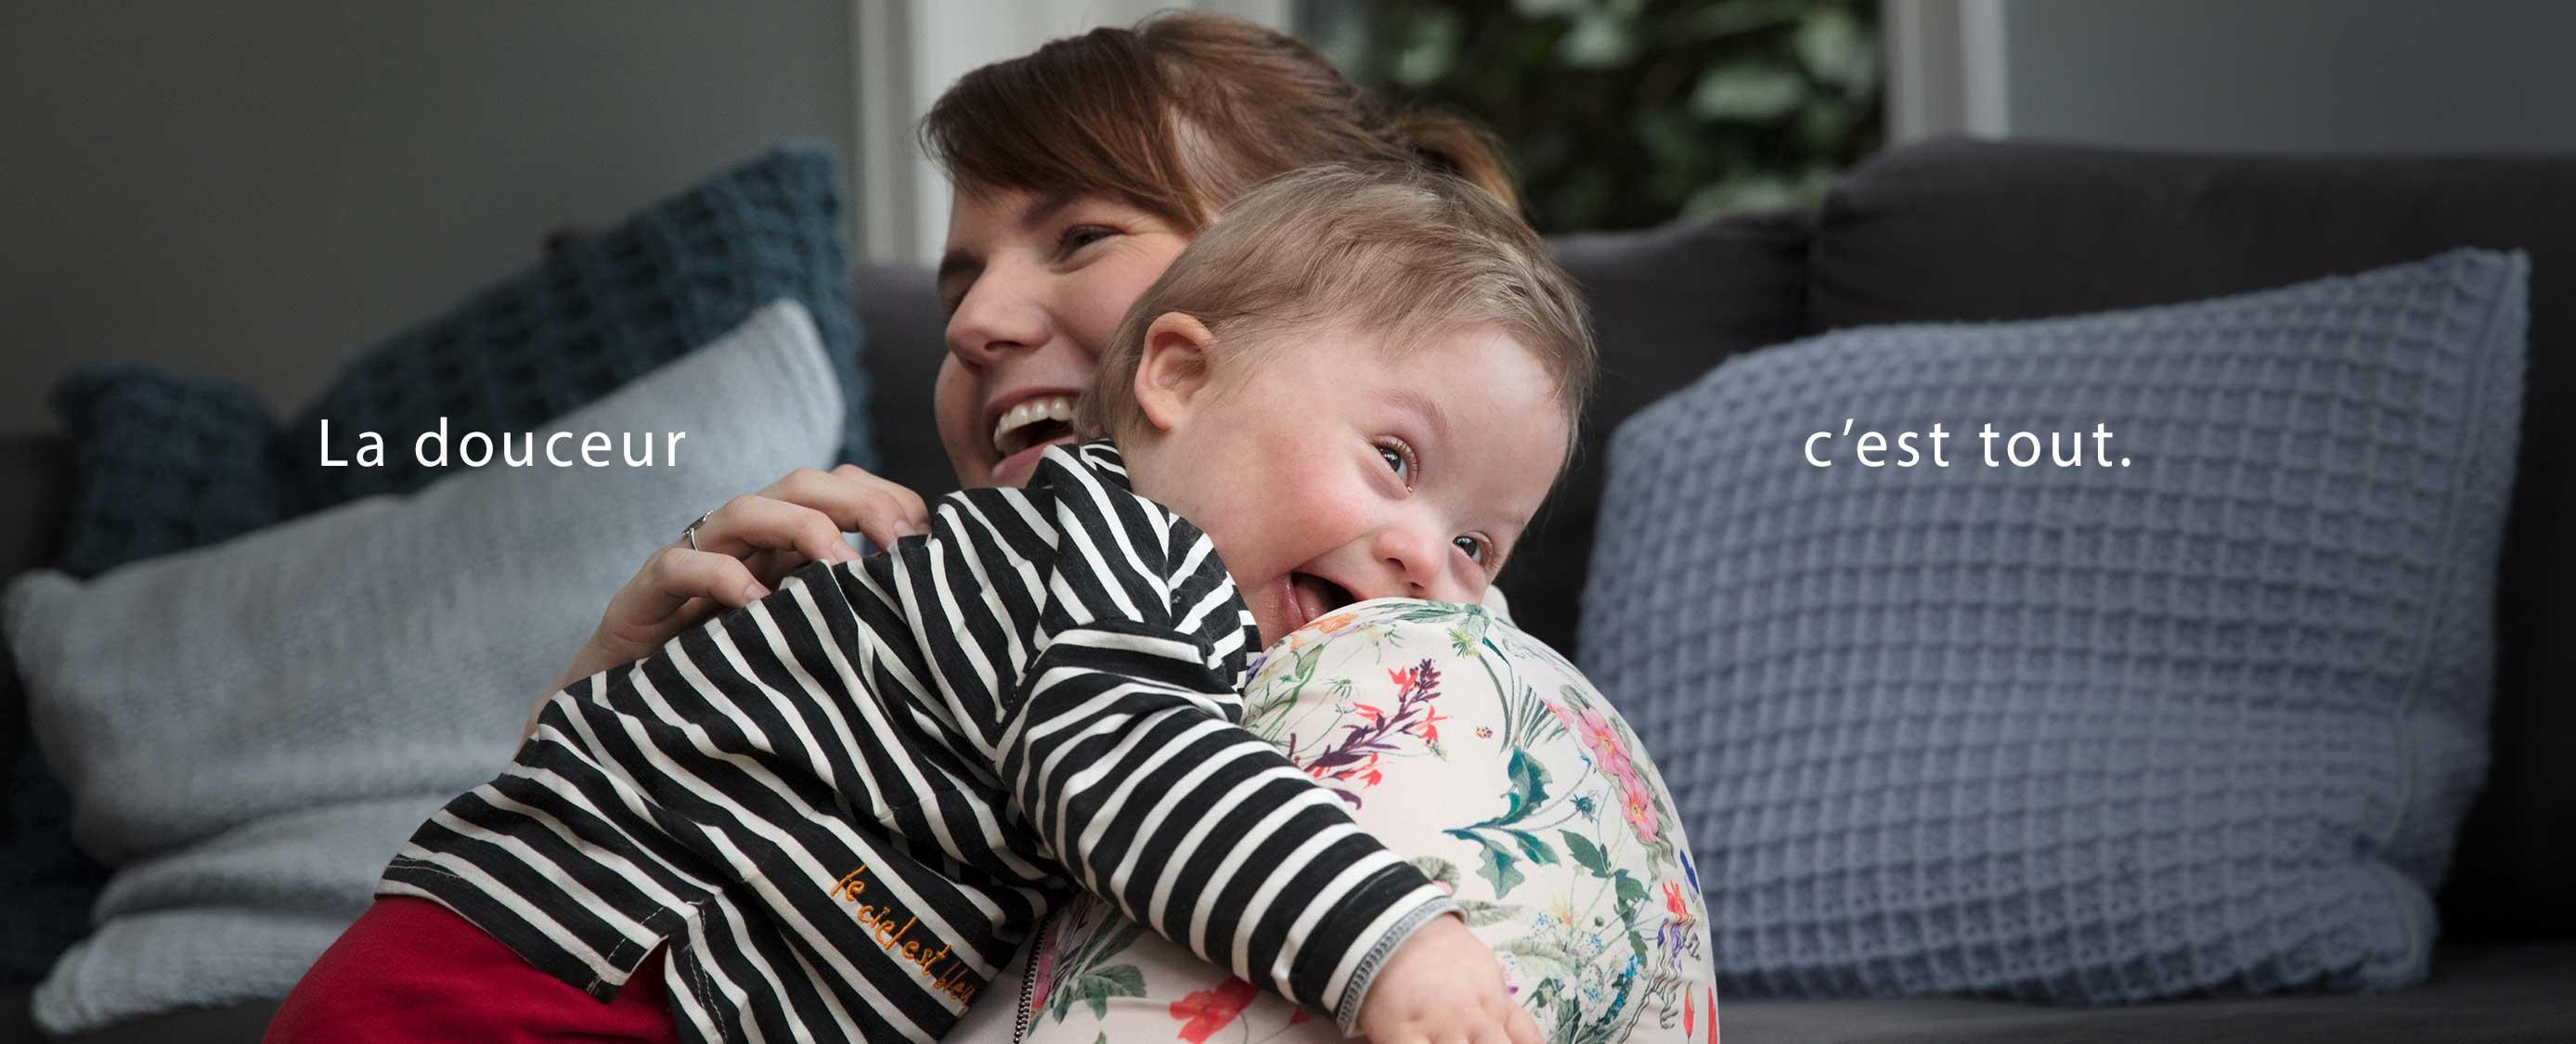 Une maman prenant un bébé souriant dans ses bras